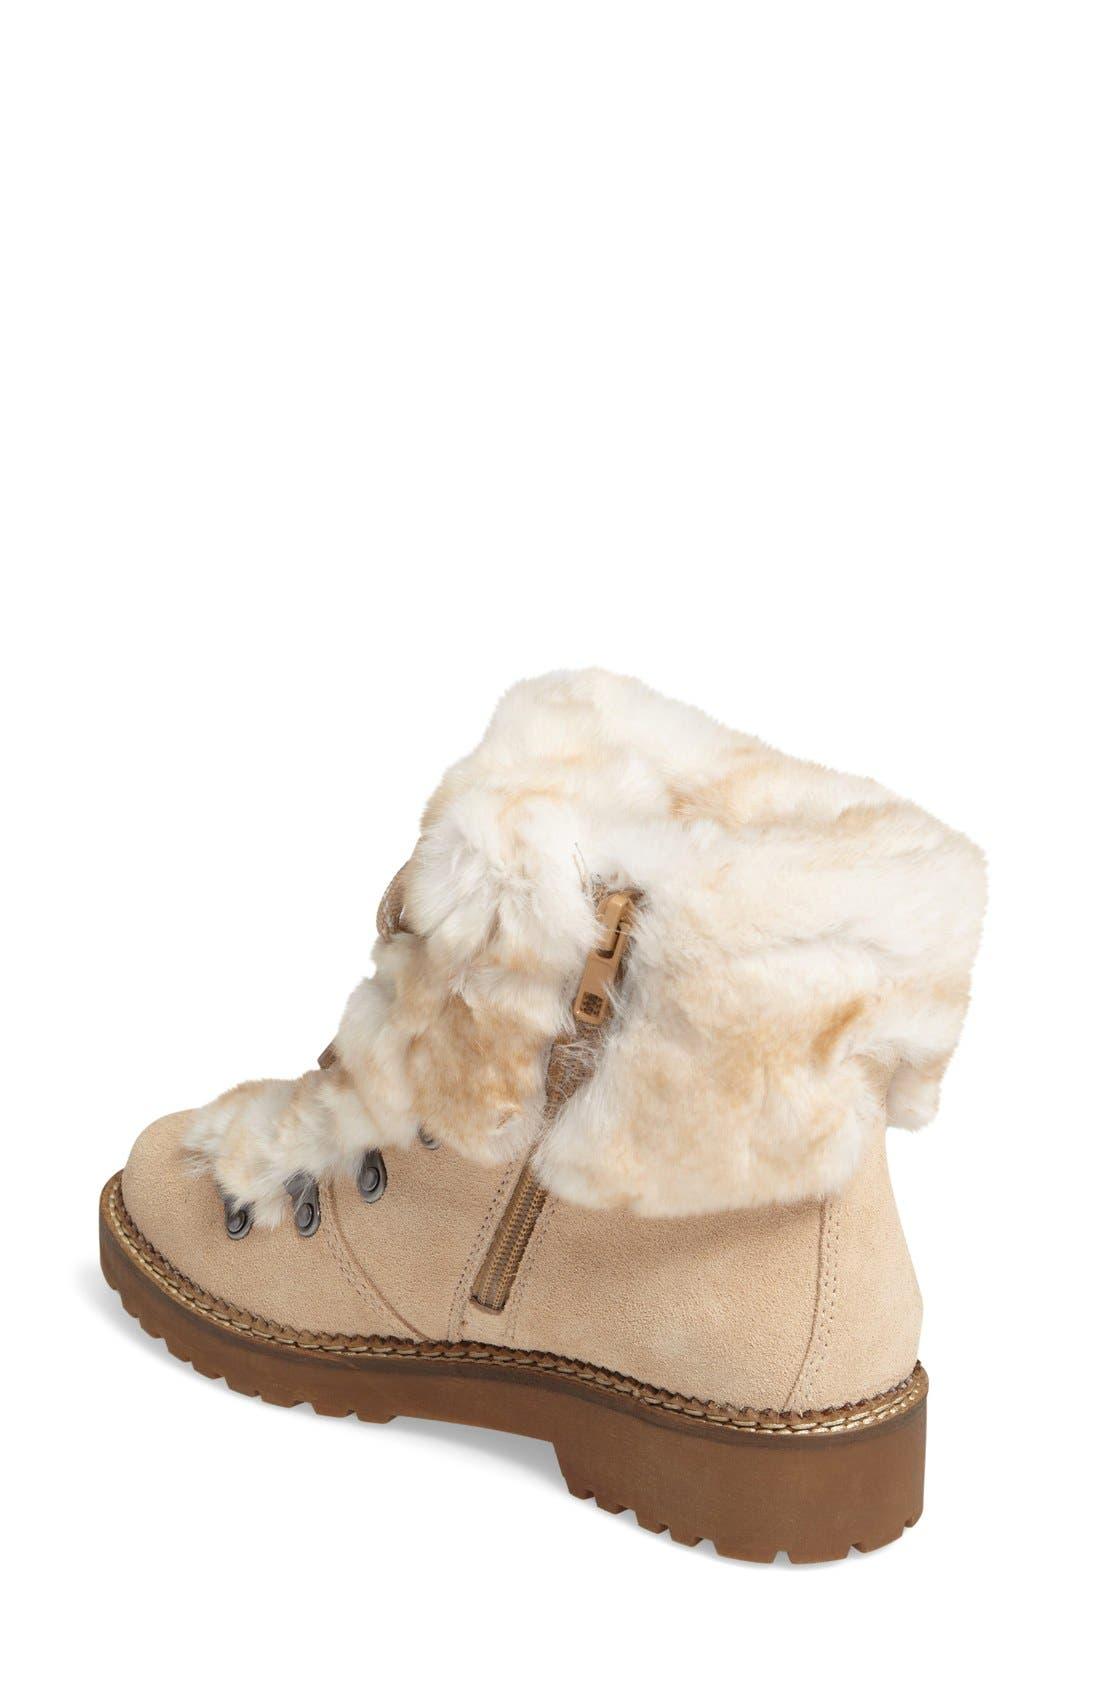 Alternate Image 2  - Arturo Chiang 'Philippa' Genuine Rabbit Fur Hiking Boot (Women)